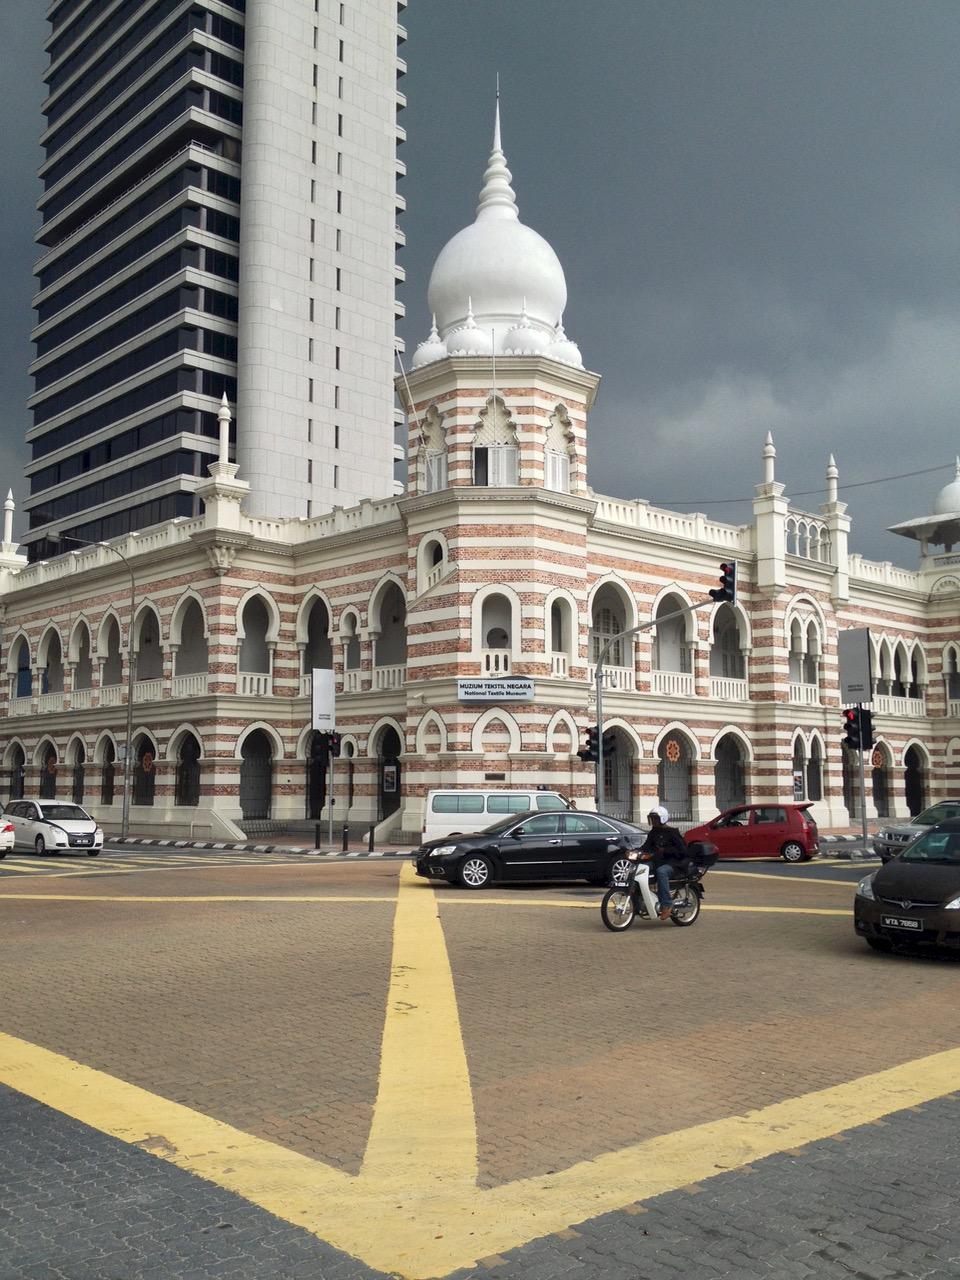 Kuala Lumpur Photos: Textile Museum